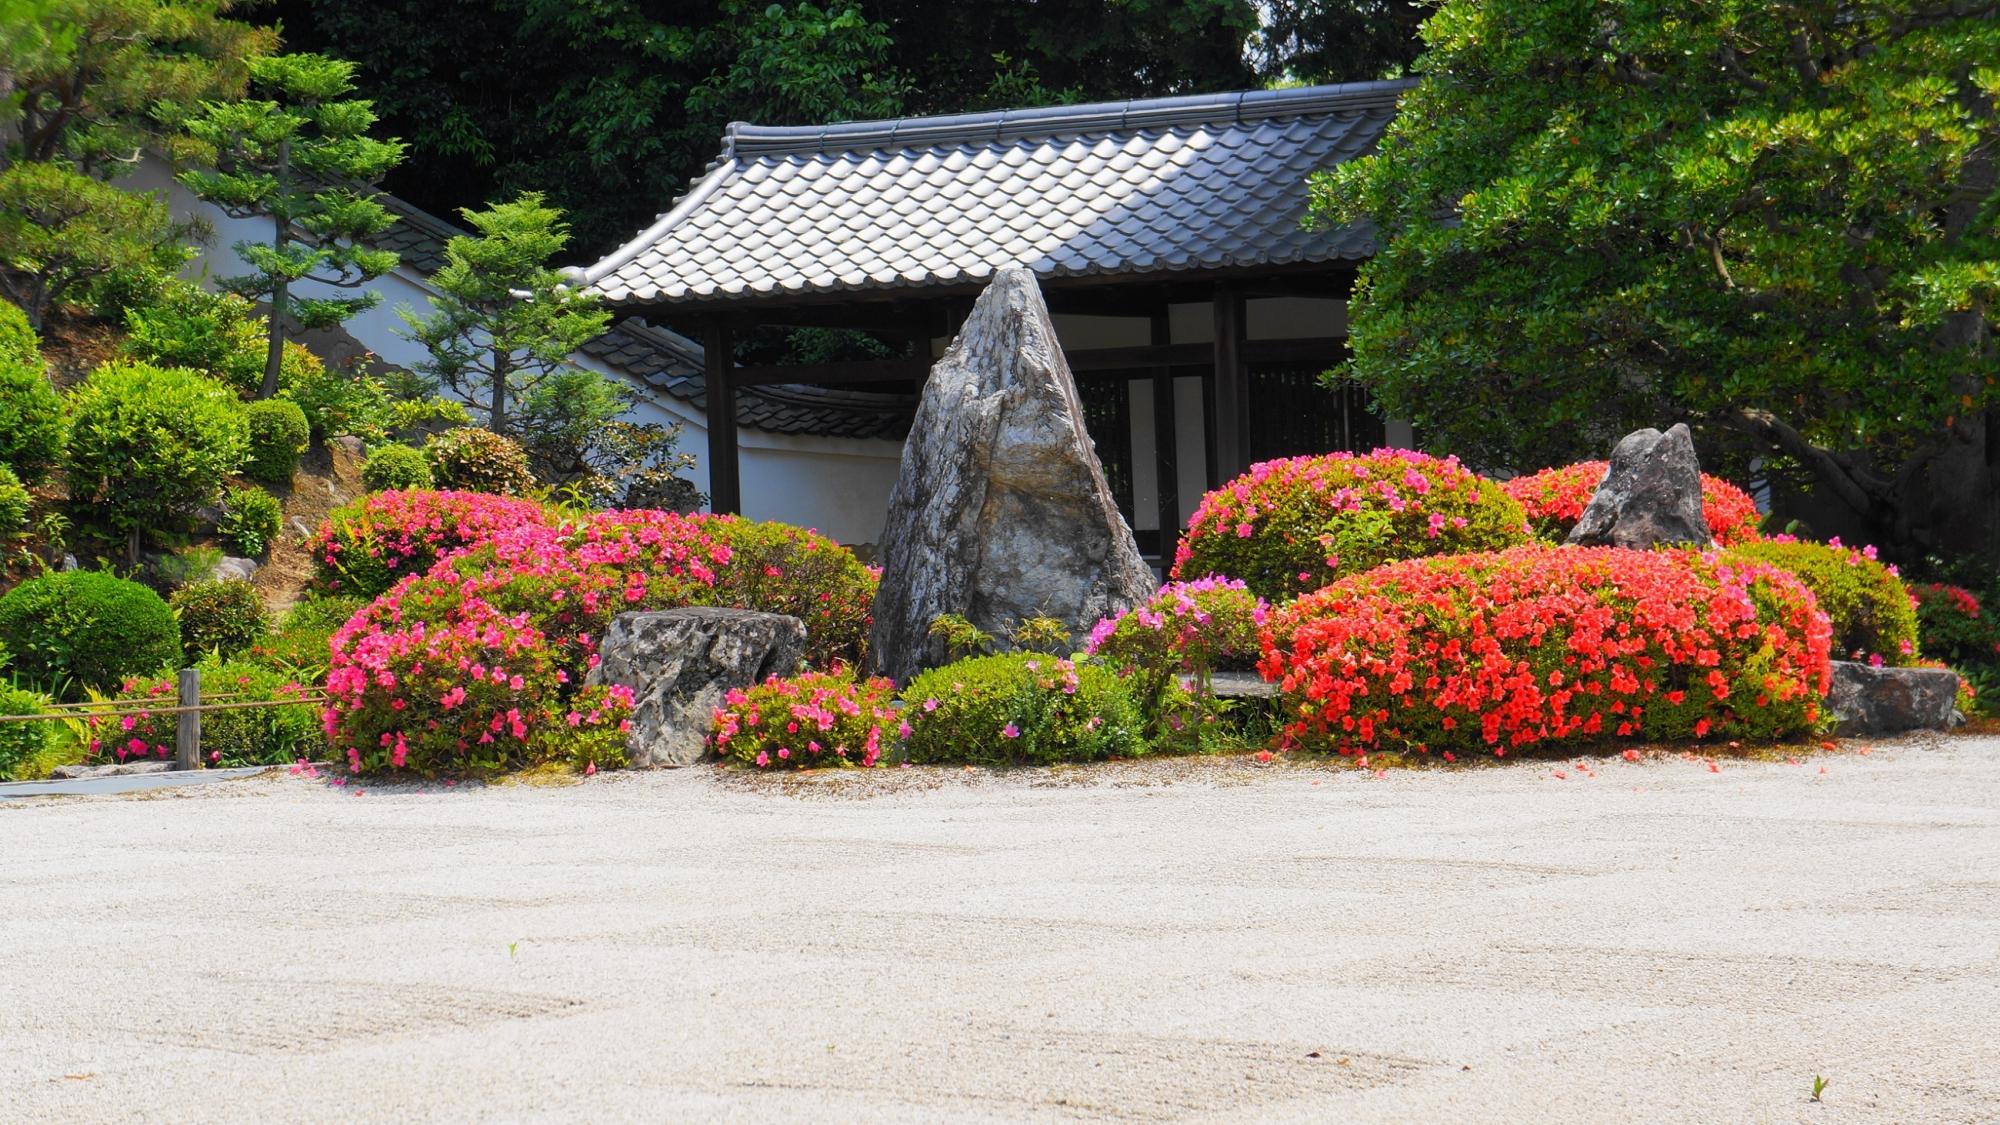 東福寺開山堂庭園の白砂に映える煌びやかなサツキ